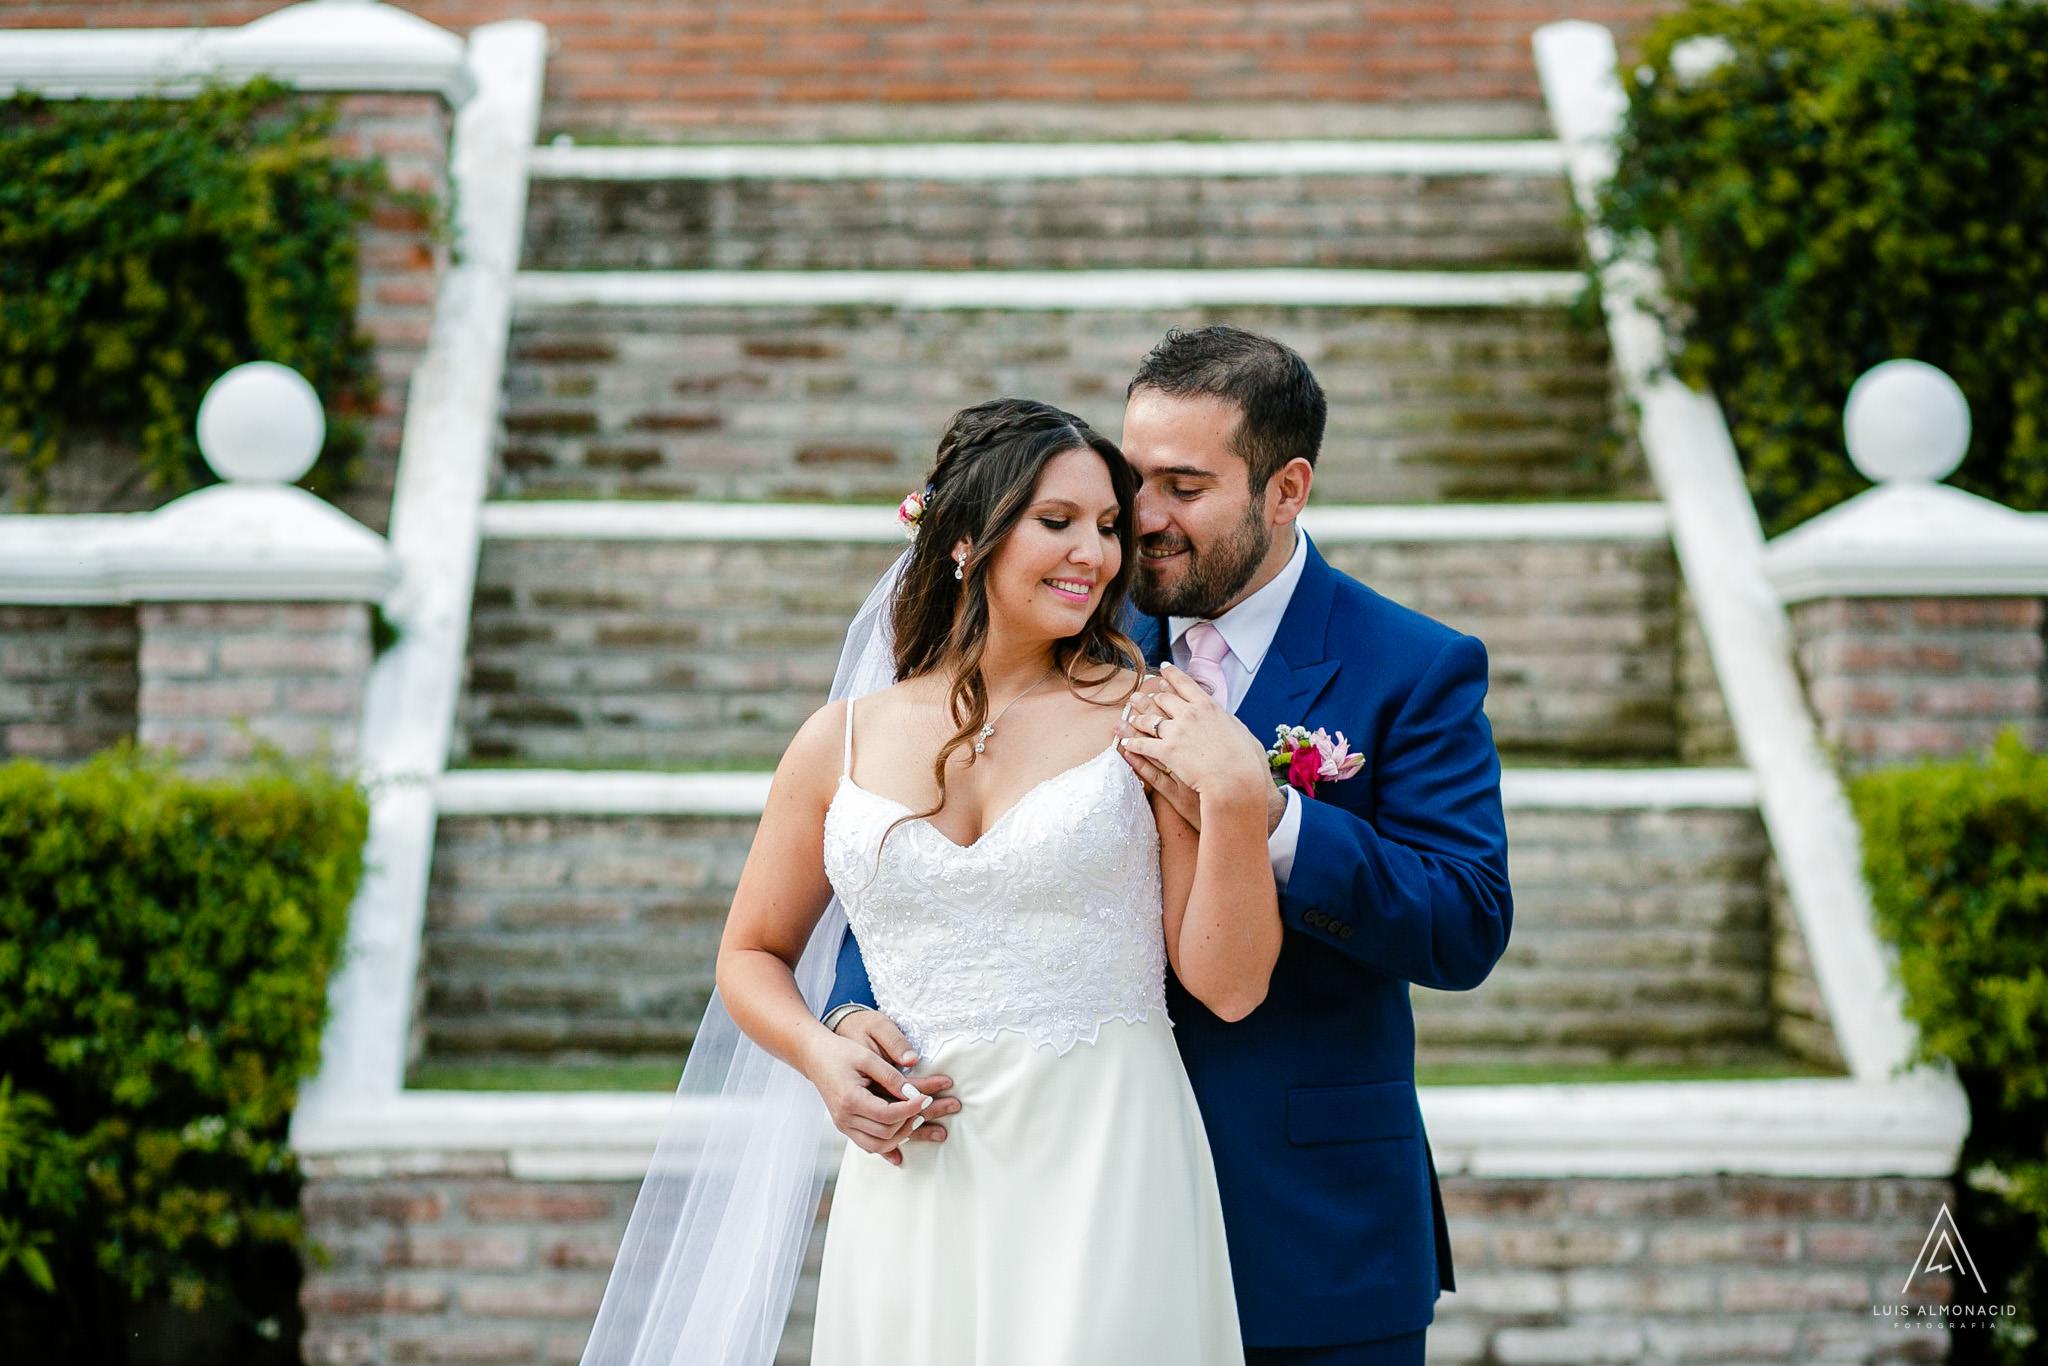 Matrimonio Altos del Paico // Javi & Rafa